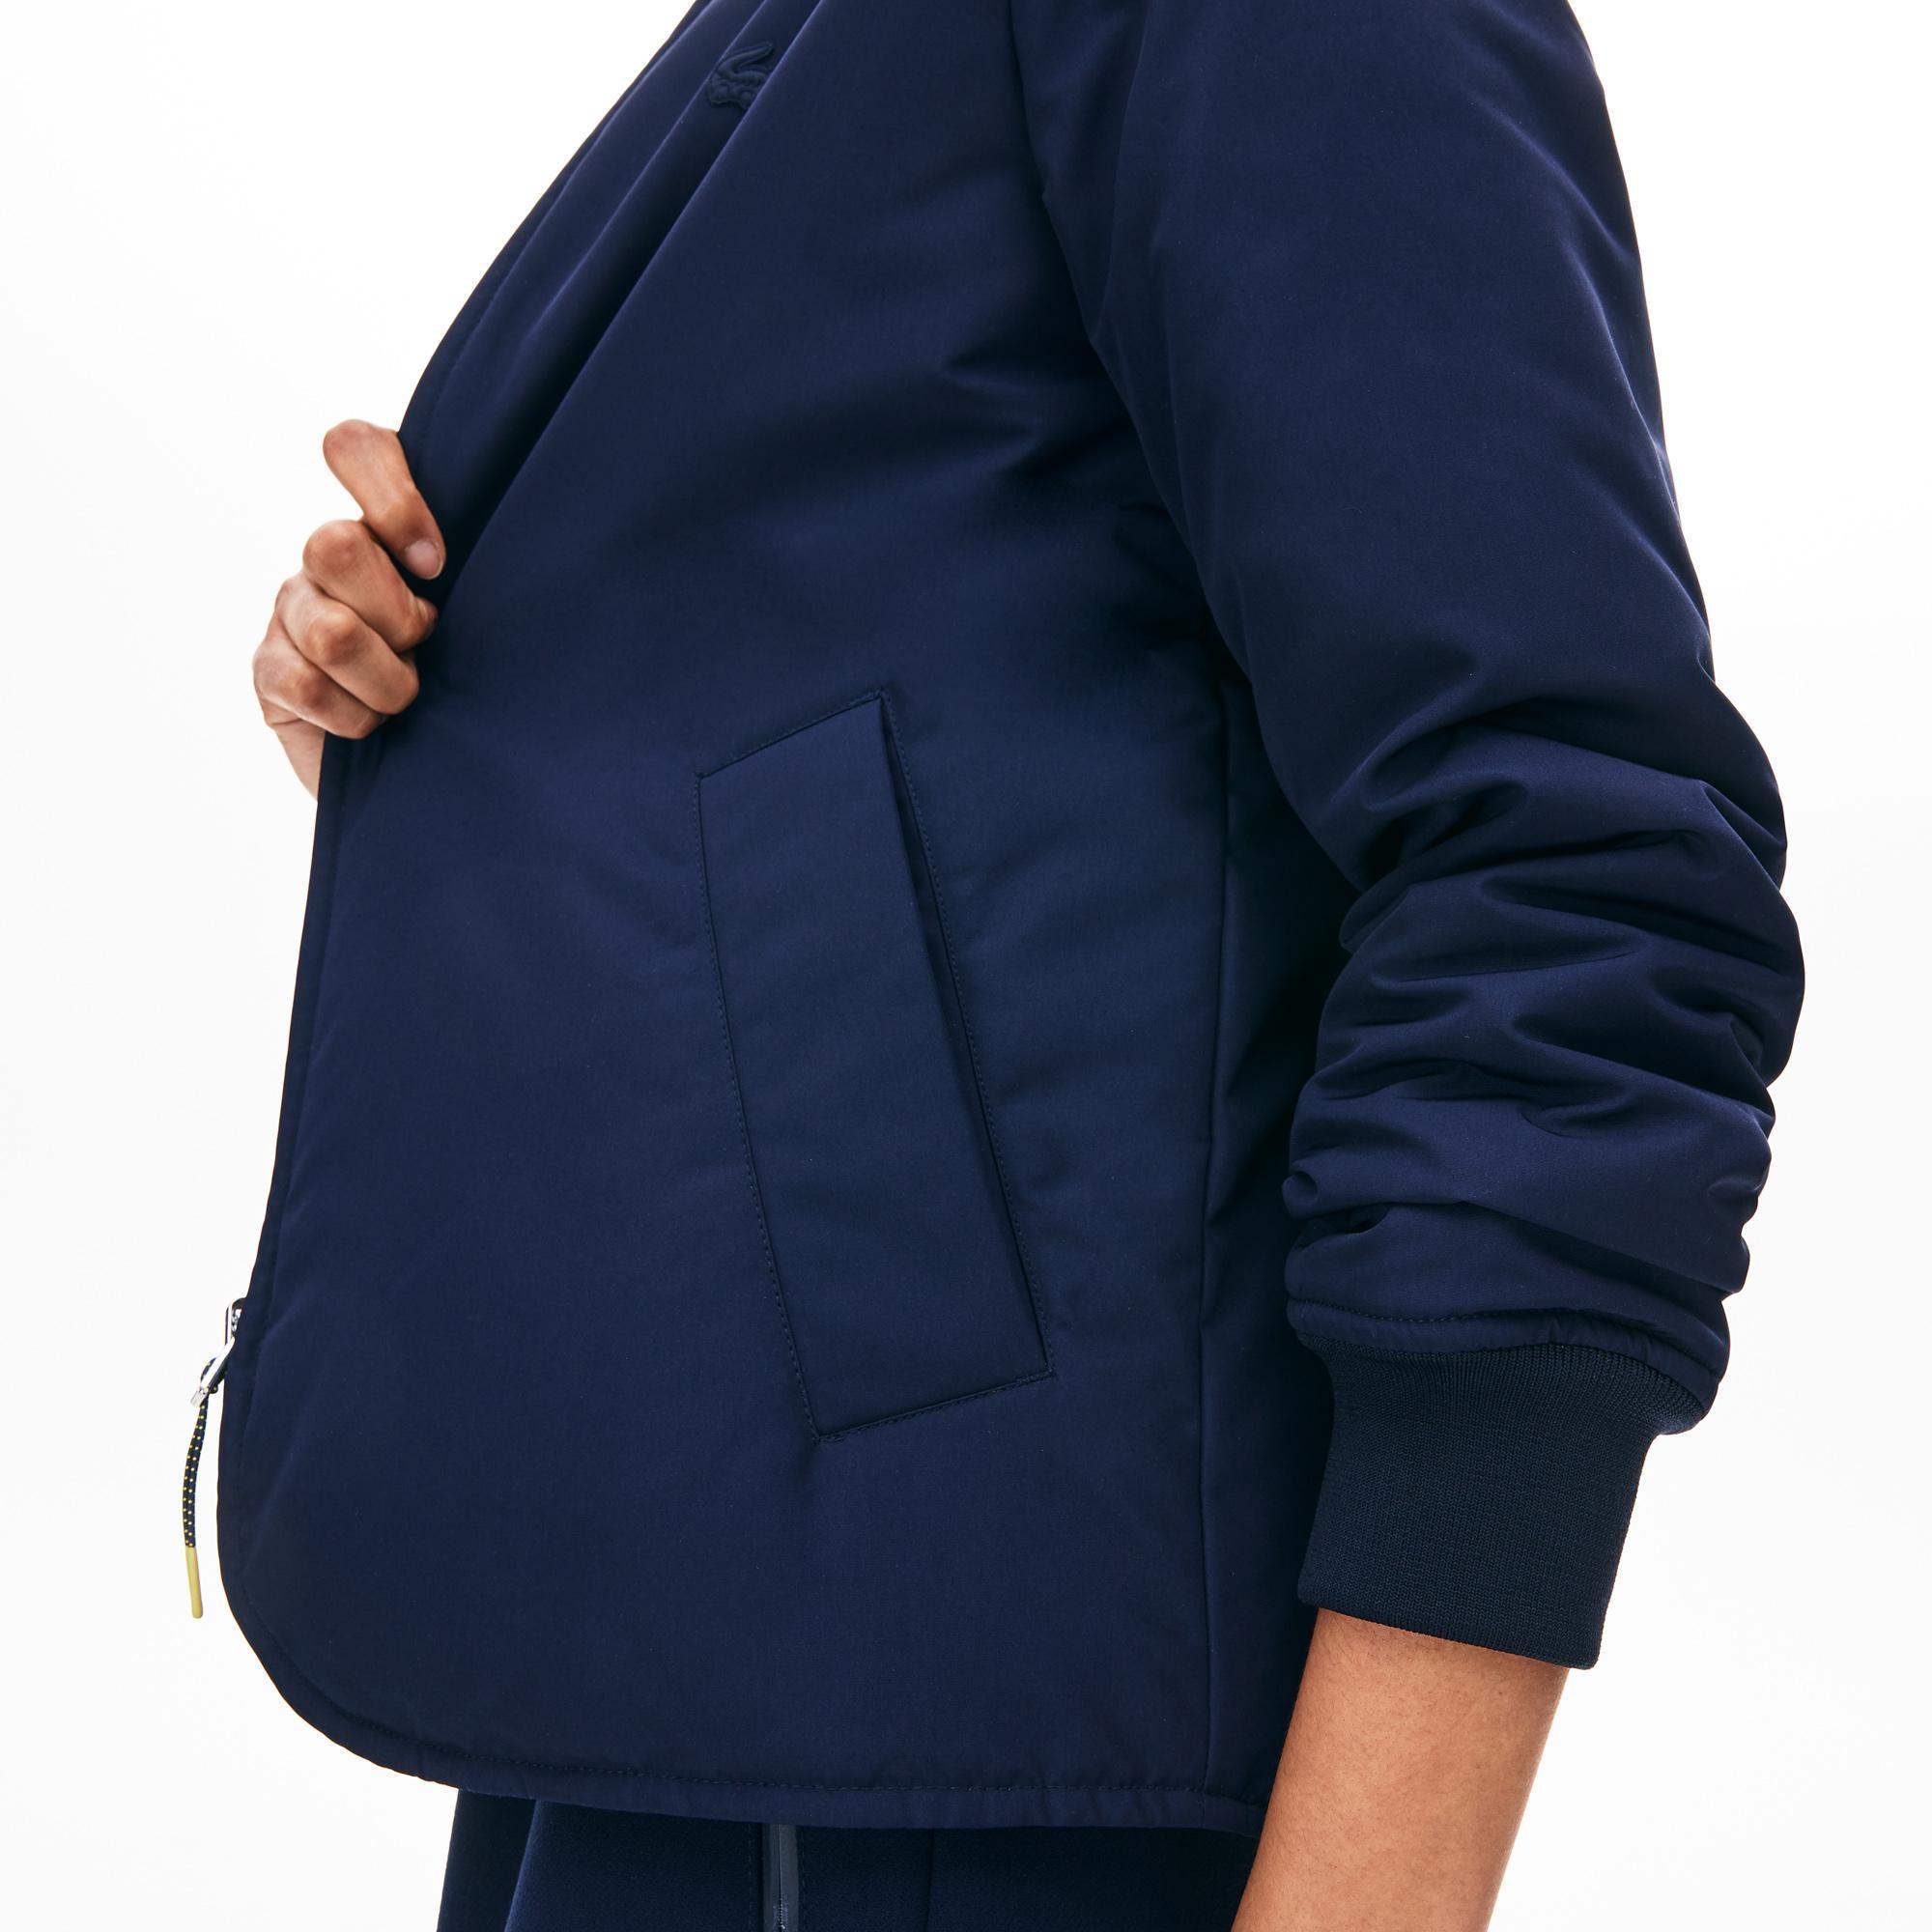 Lacoste Motion Kadın Lacivert - Sarı Çift Taraflı Ceket